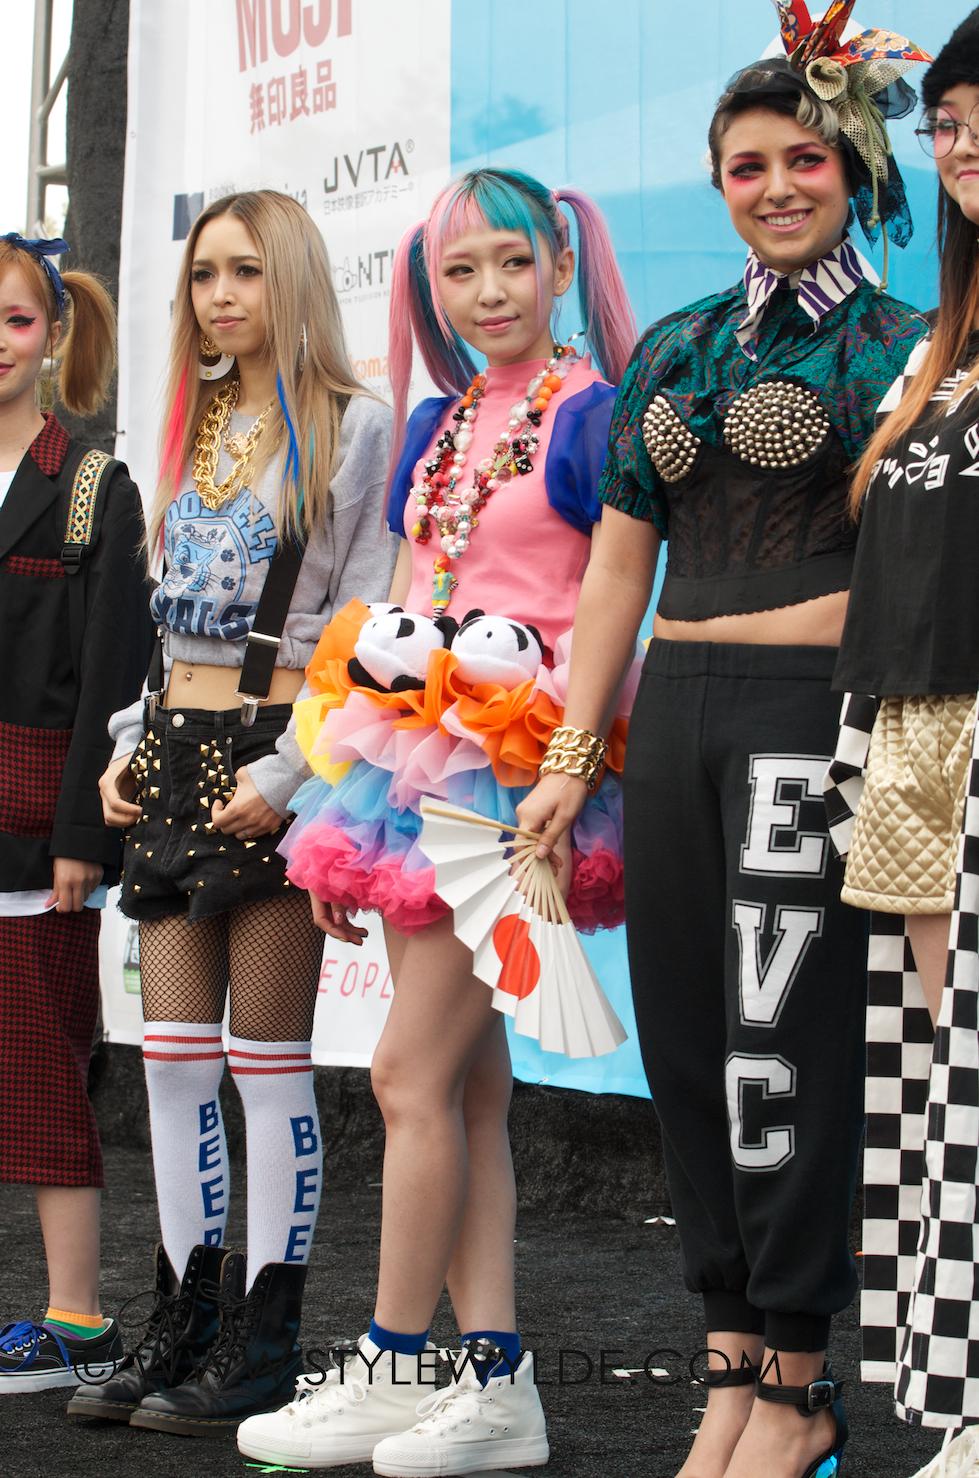 stylewylde_eva_lineup_july27.jpg